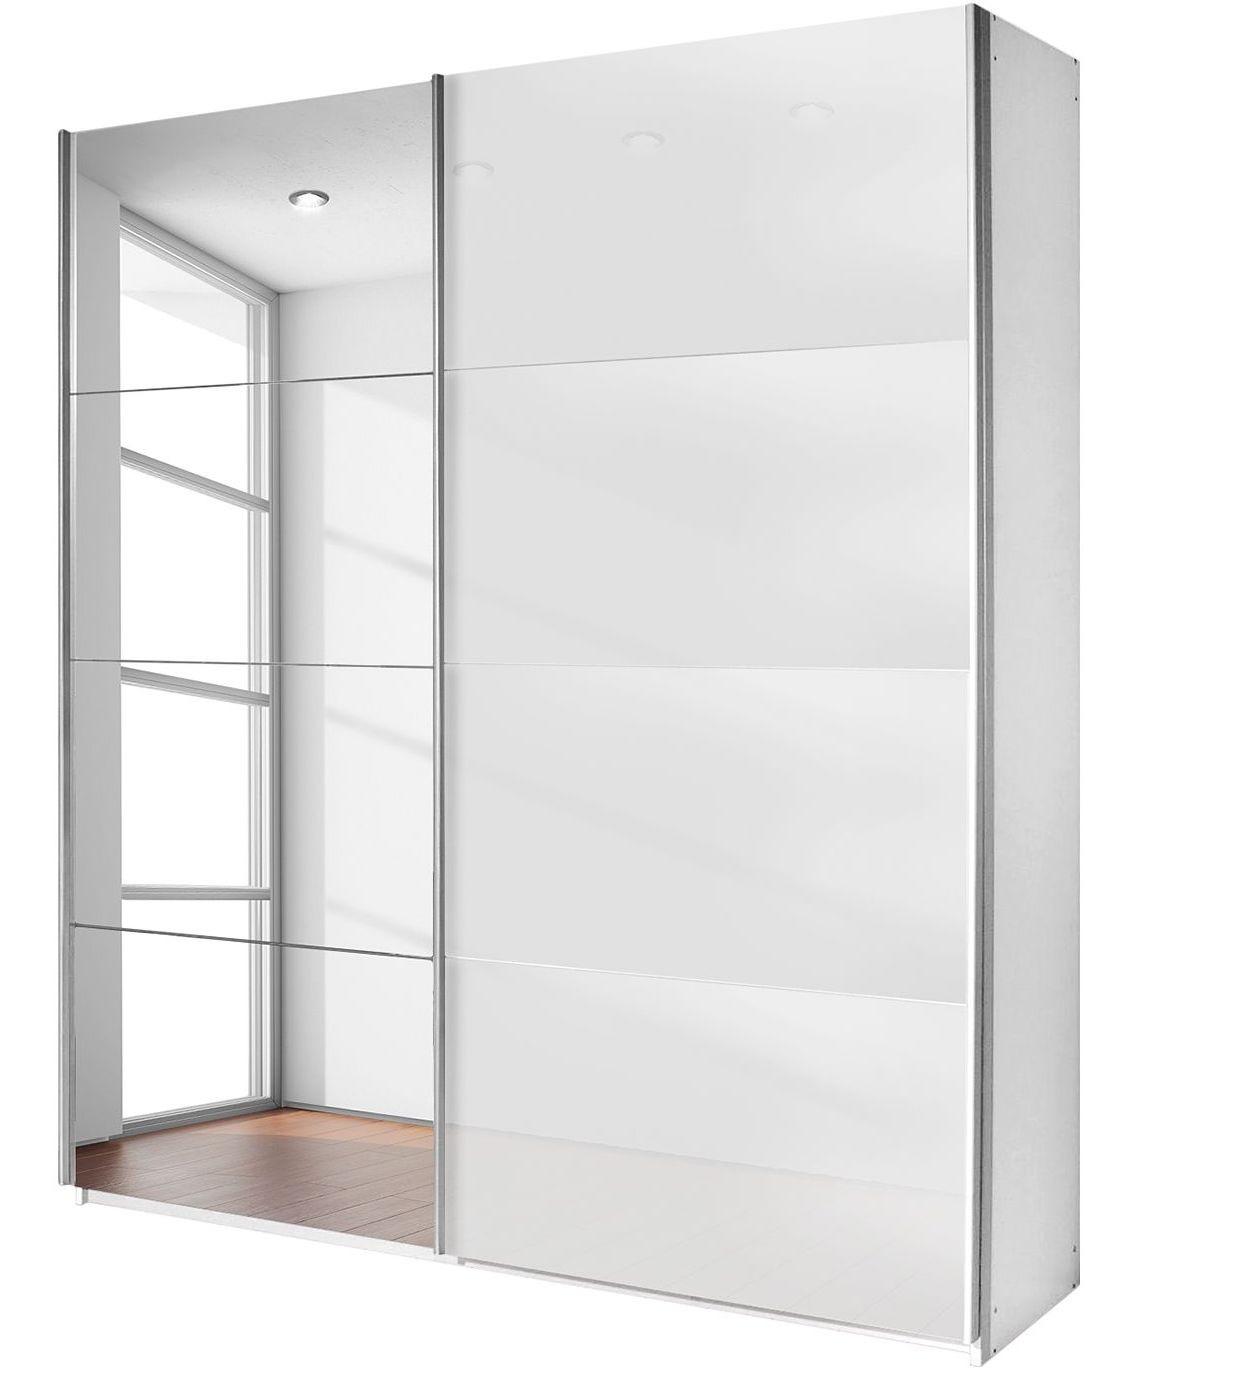 Armoire design 2 portes coulissantes verre teint blanc et miroir luxia mod le l 136 cm h 210 for Miroir teinte design